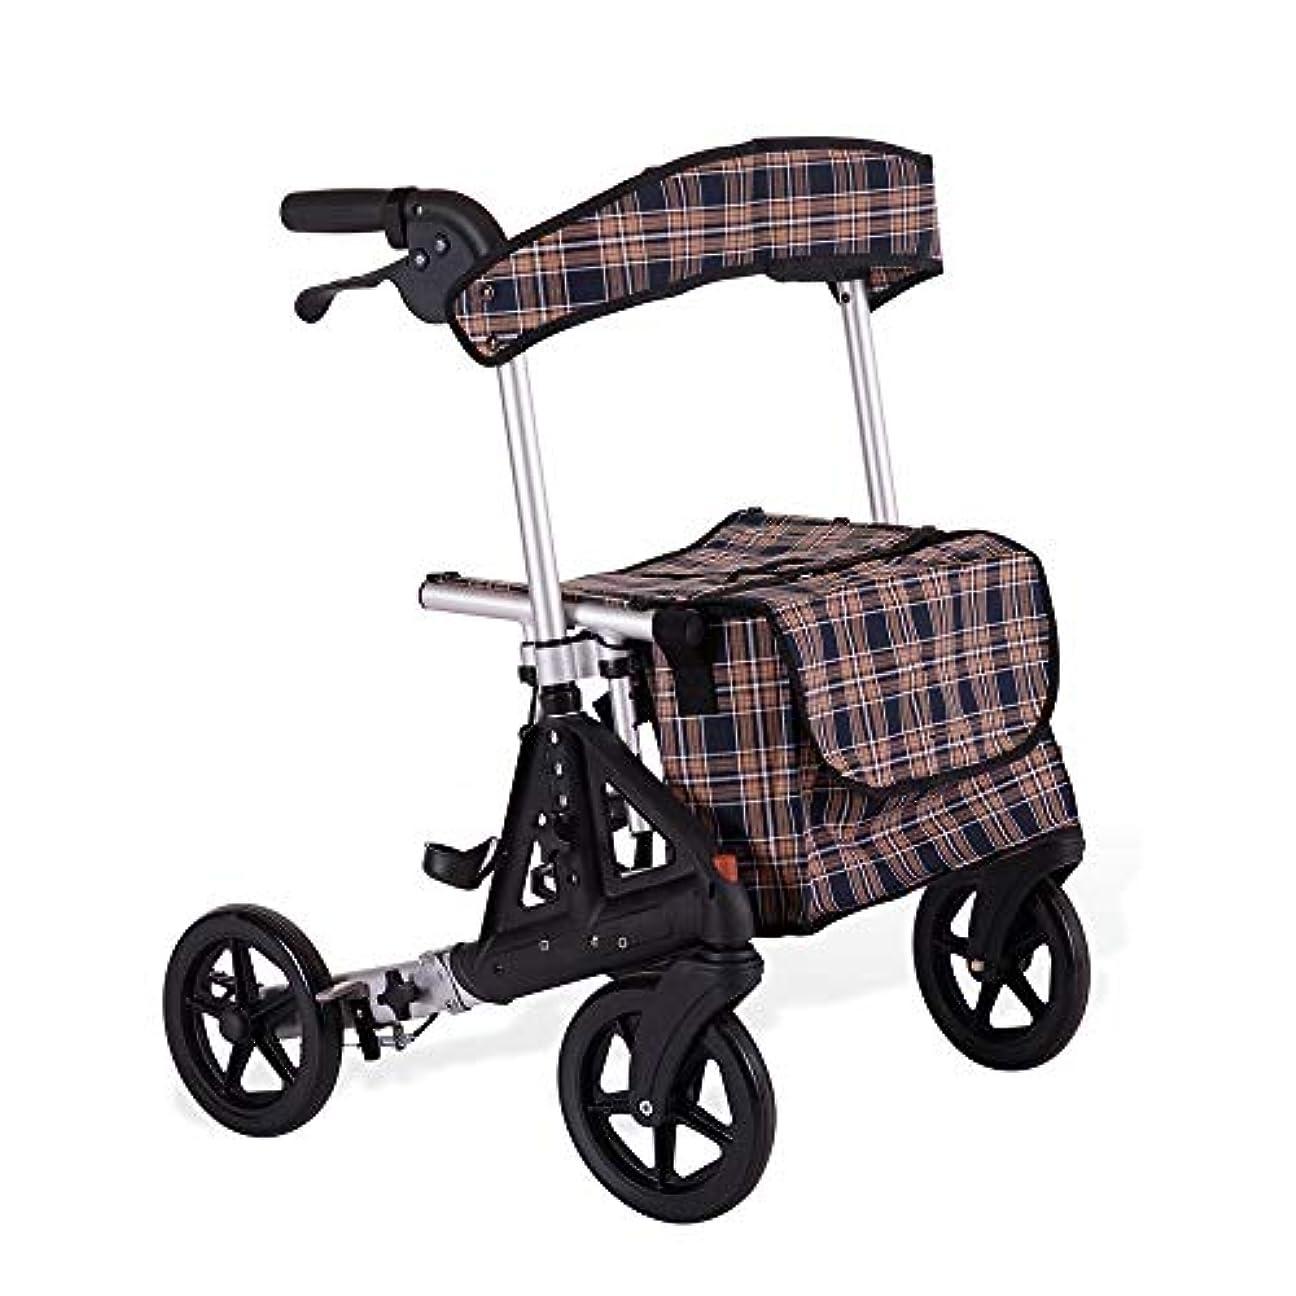 引き金メダリスト前進パッド入りシート、ロック可能なブレーキ、人間工学に基づいたハンドル、キャリーバッグを備えた軽量折りたたみ式四輪歩行器